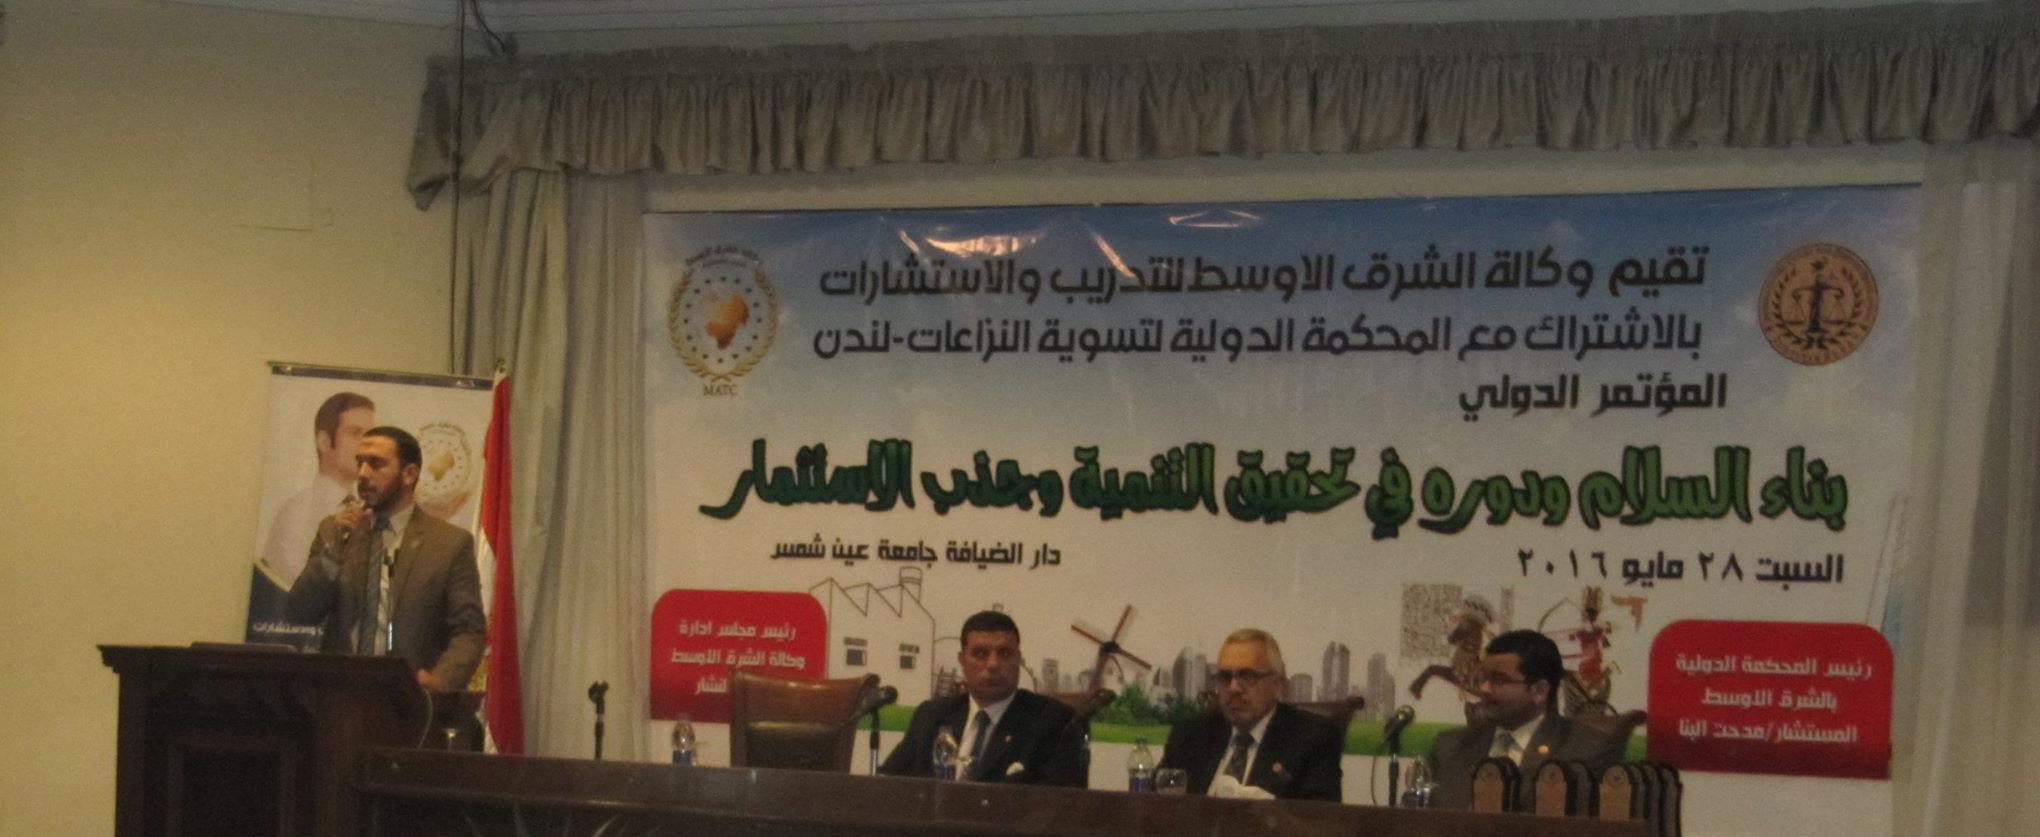 """انتهاء فعاليات المؤتمر الدولى """"بناء السلام ودوره في تحقيق التنمية وجذب الاستثمار"""""""